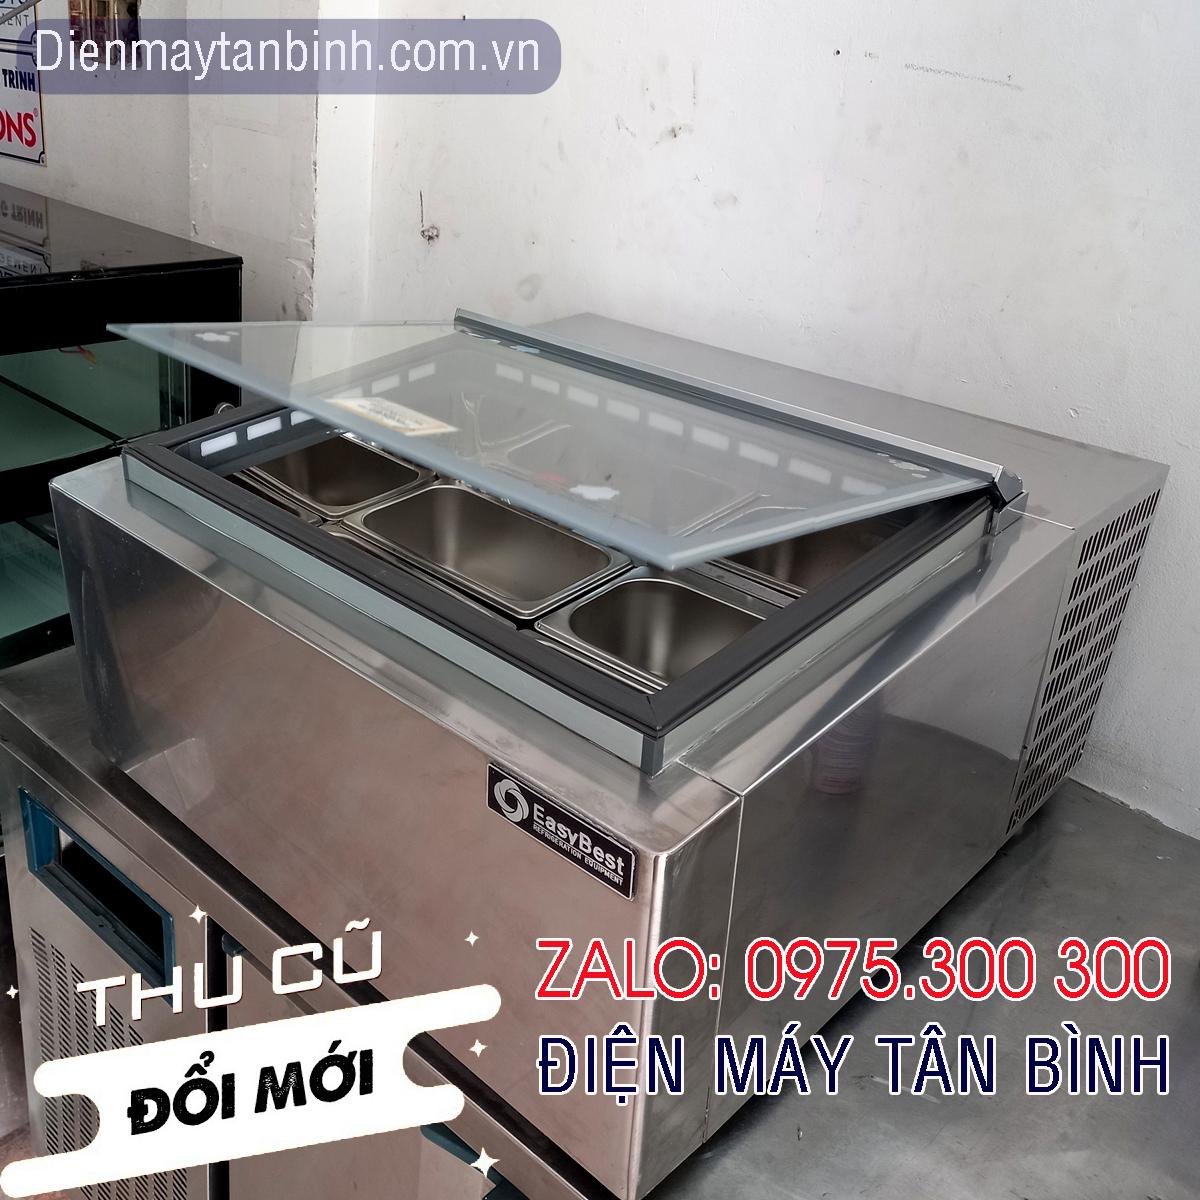 Tủ đông kem cũ mặt kính Easybest mini đặt bàn, có 4 khay inox